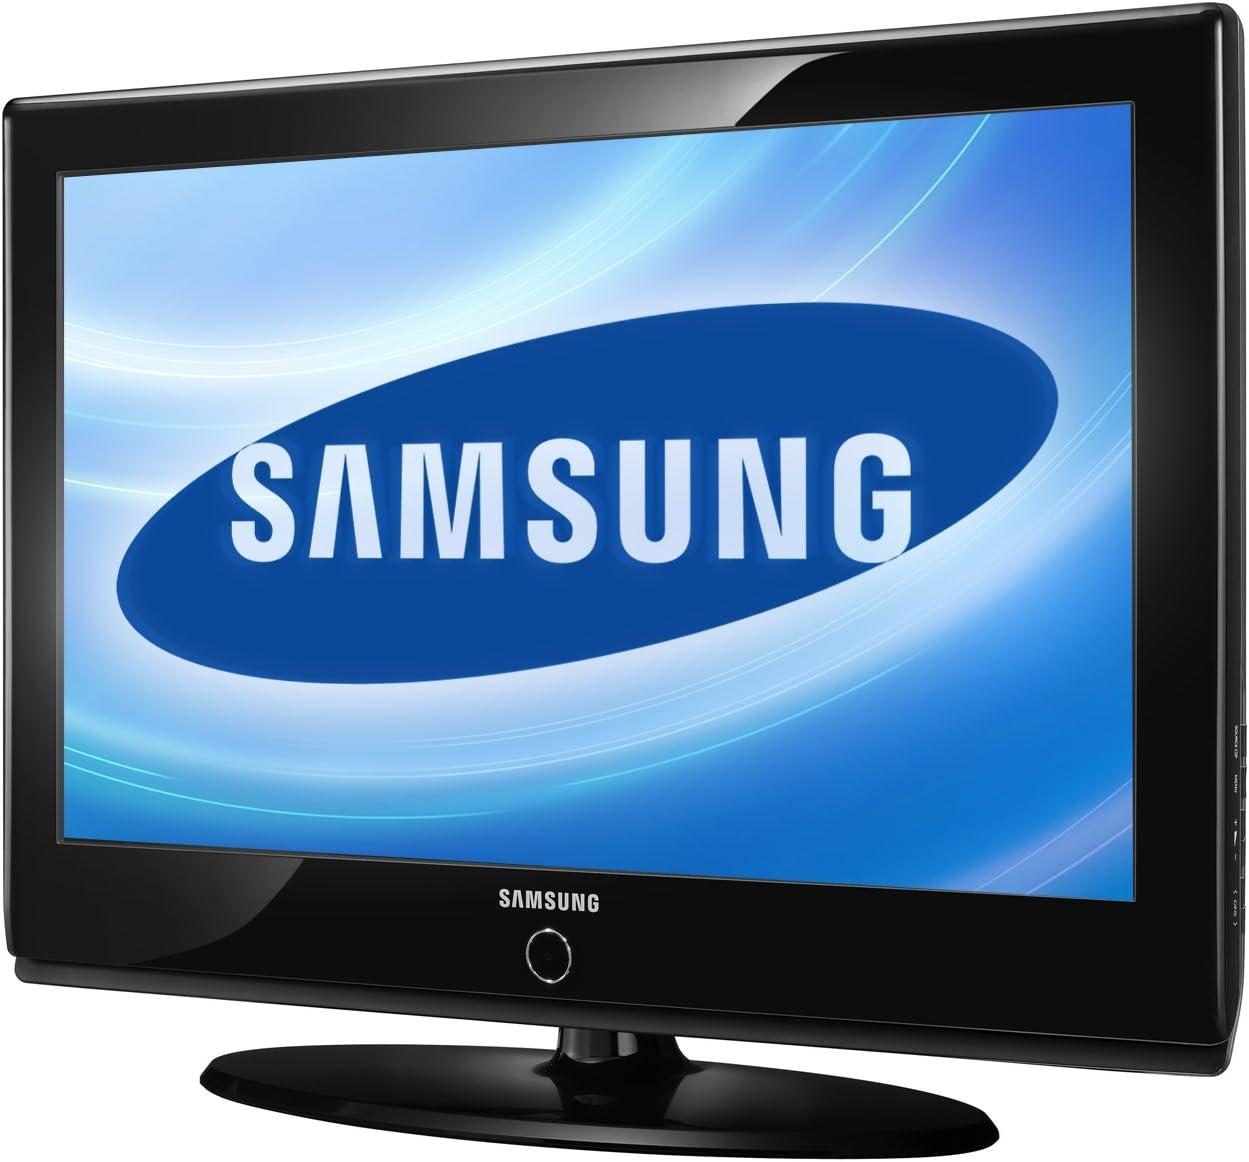 Samsung LE 32 A 436 - Televisión HD, Pantalla LCD 32 pulgadas: Amazon.es: Electrónica